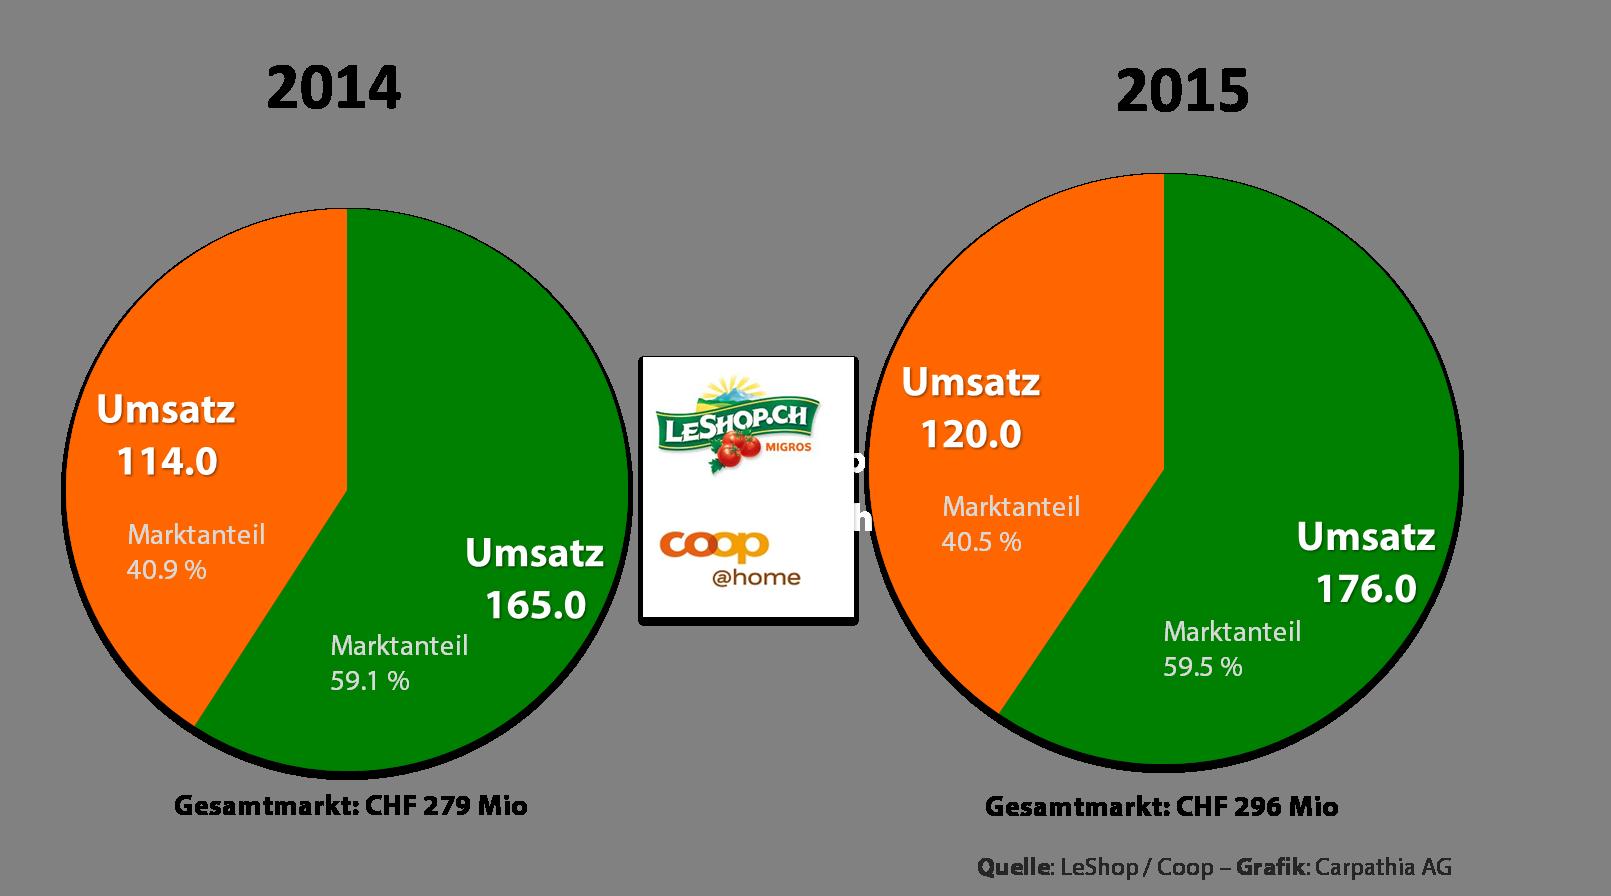 Marktanteile Online-Lebensmittel-Schweiz - Quelle: Coop & Migros - Grafik: Carpathia